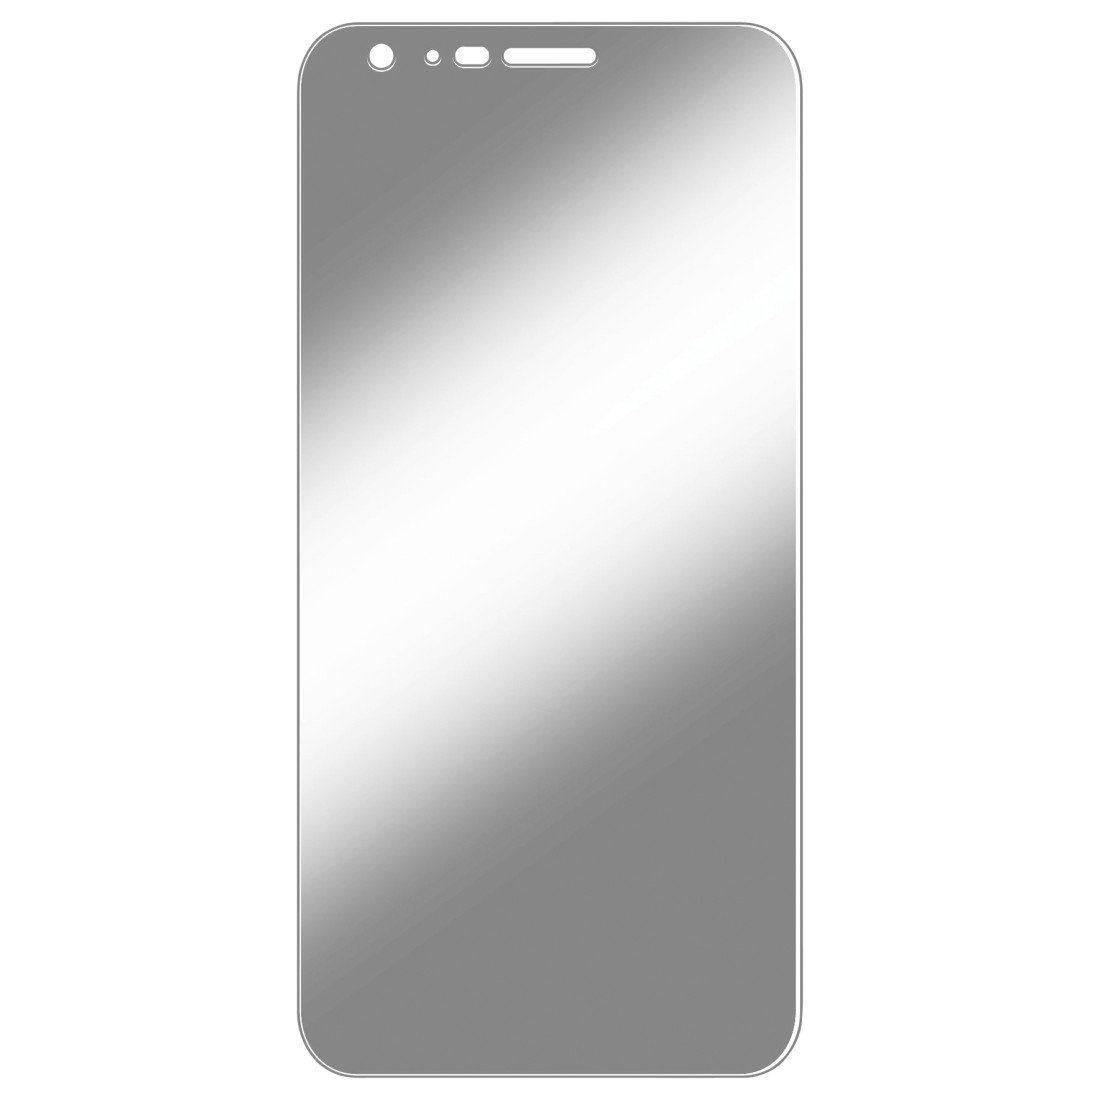 Hama Display-Schutzfolie Crystal Clear für LG X Cam, 2 Stück